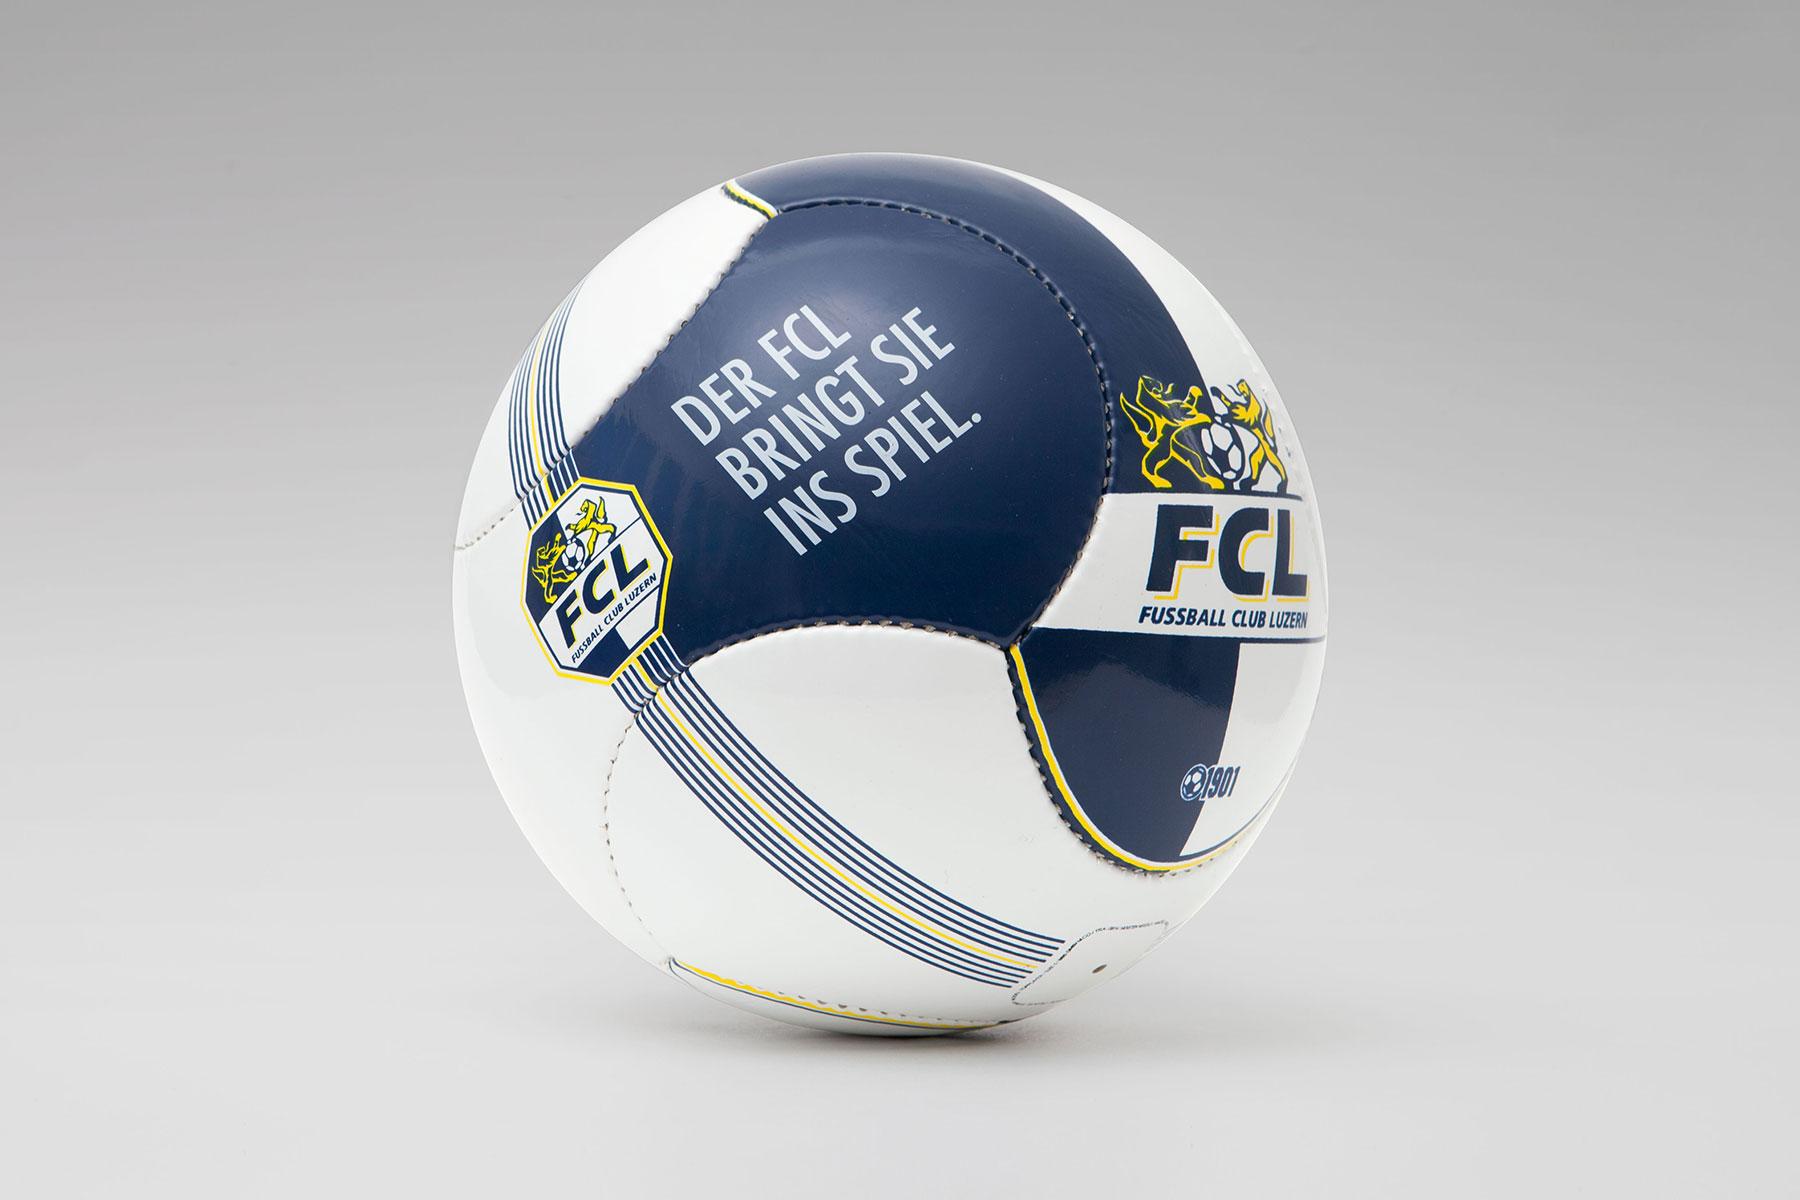 FCL Ball